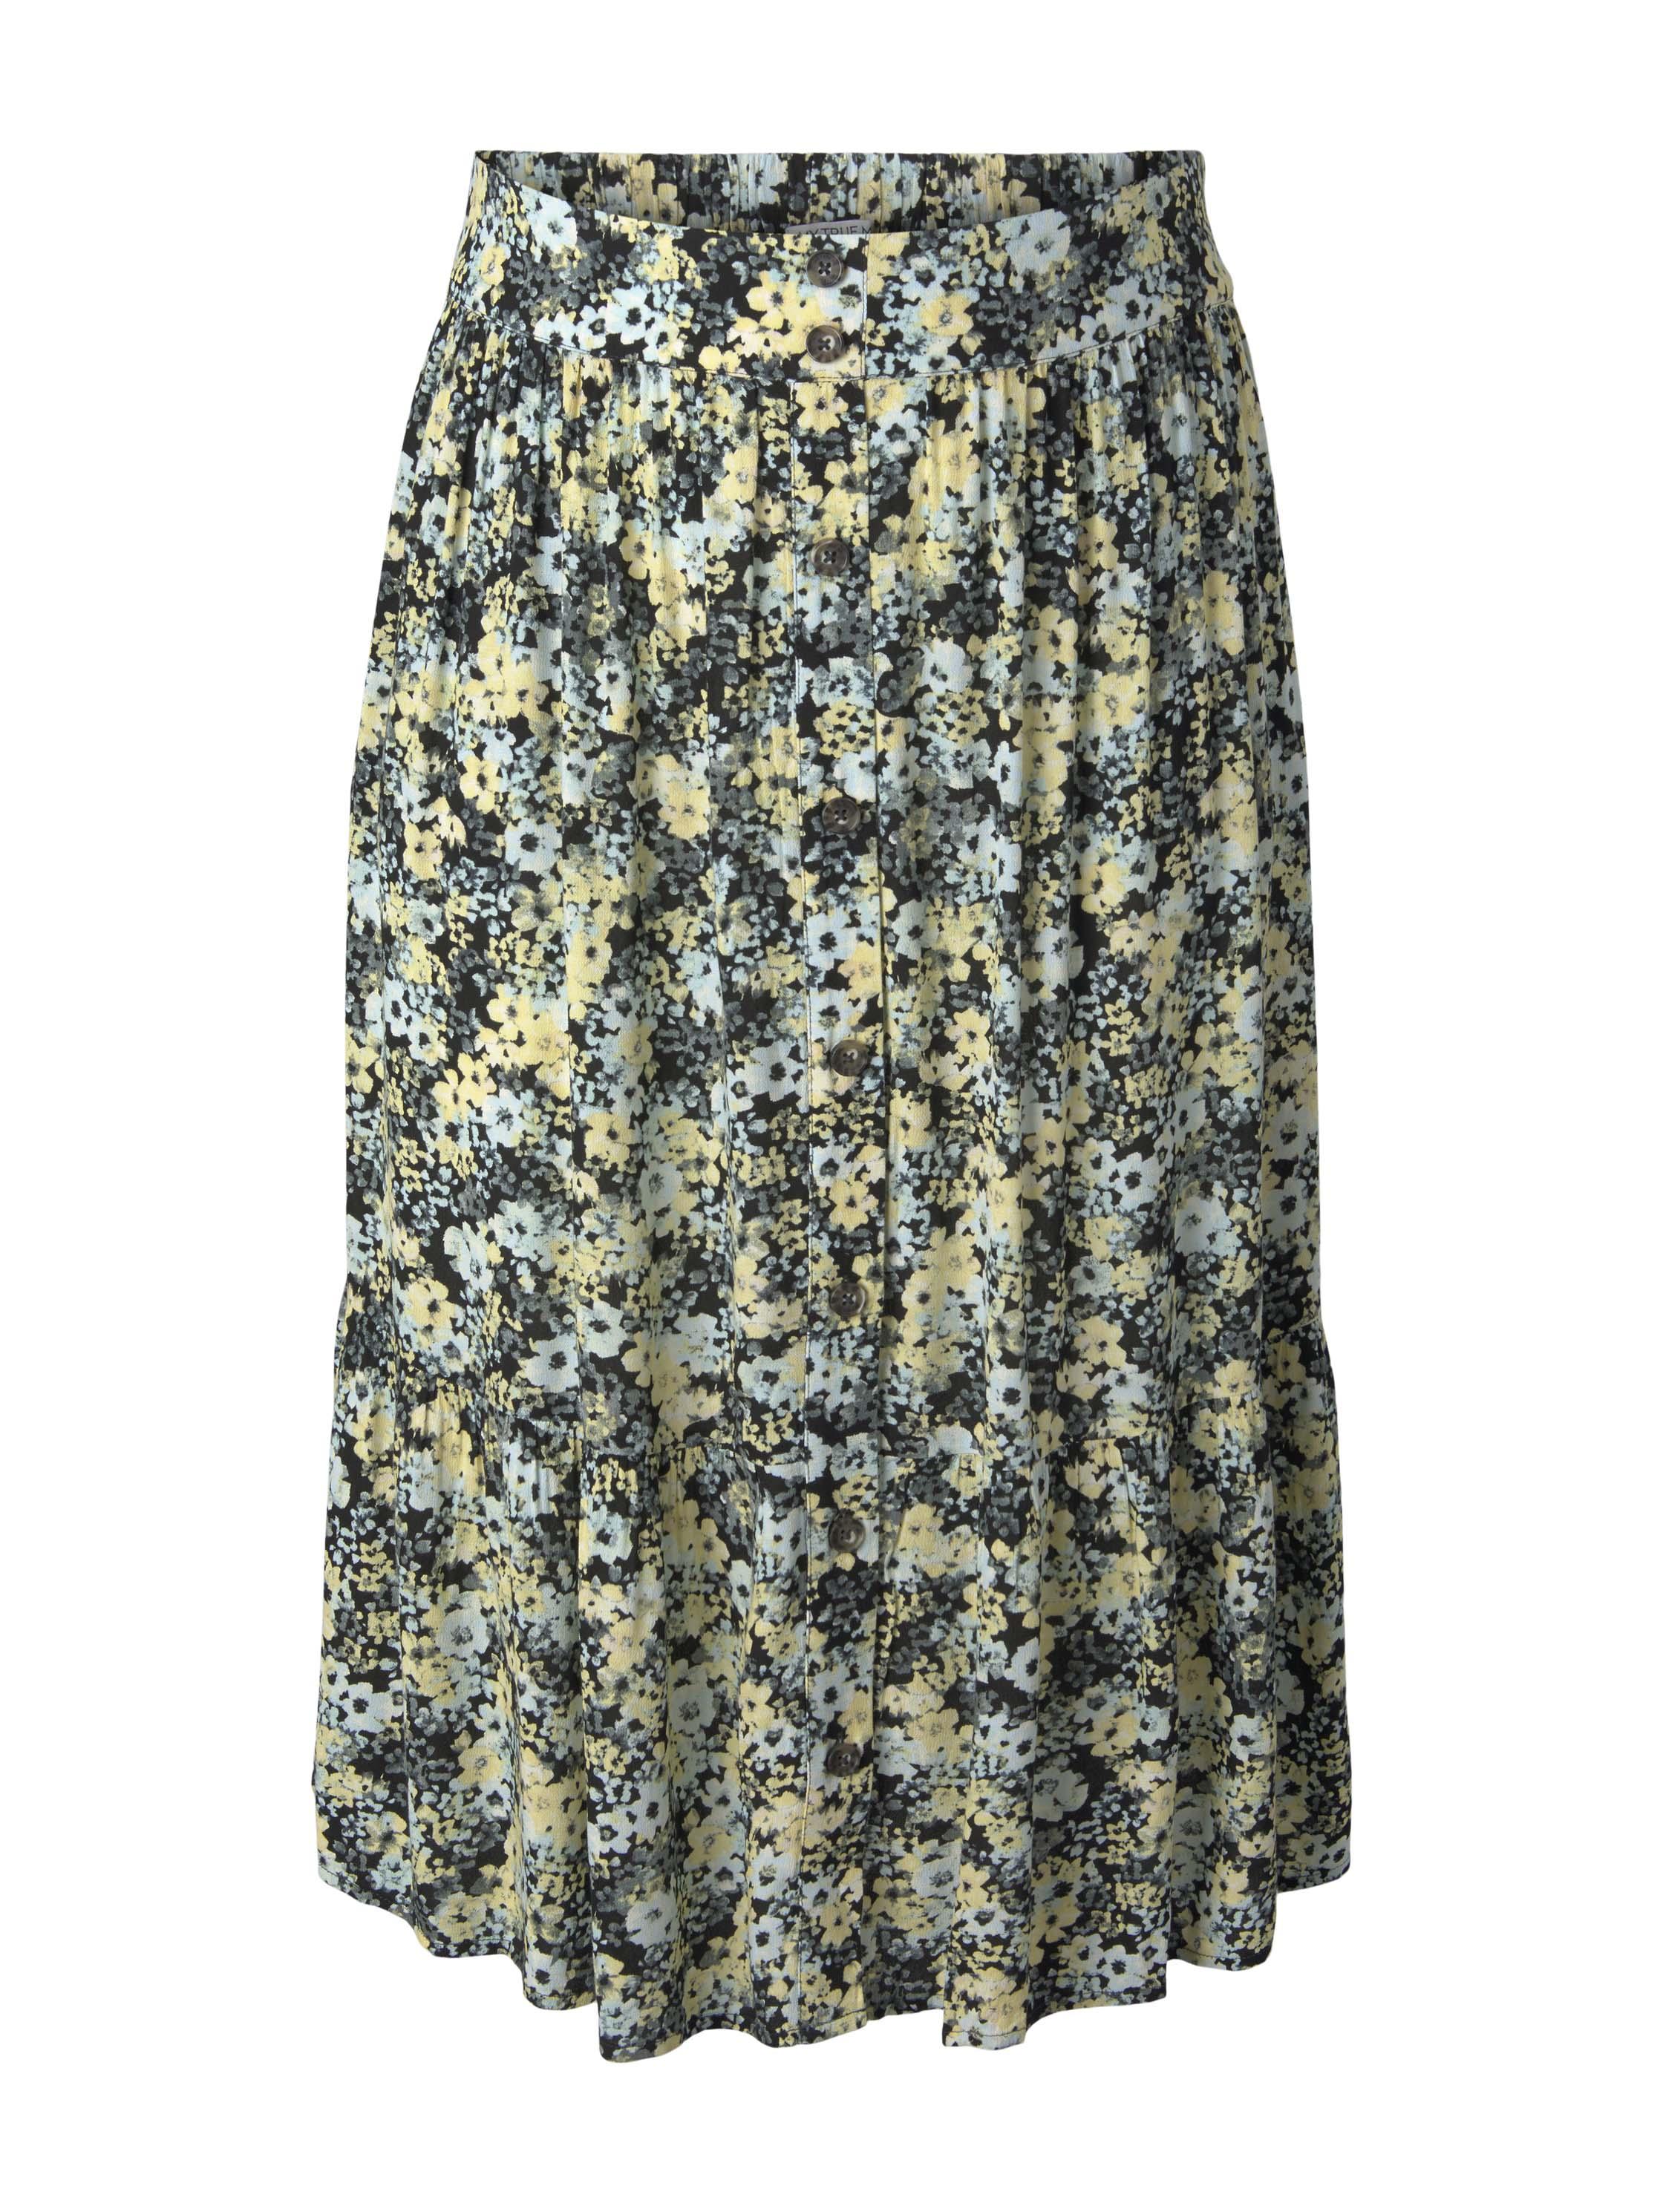 Damen Rock skirt with button placket